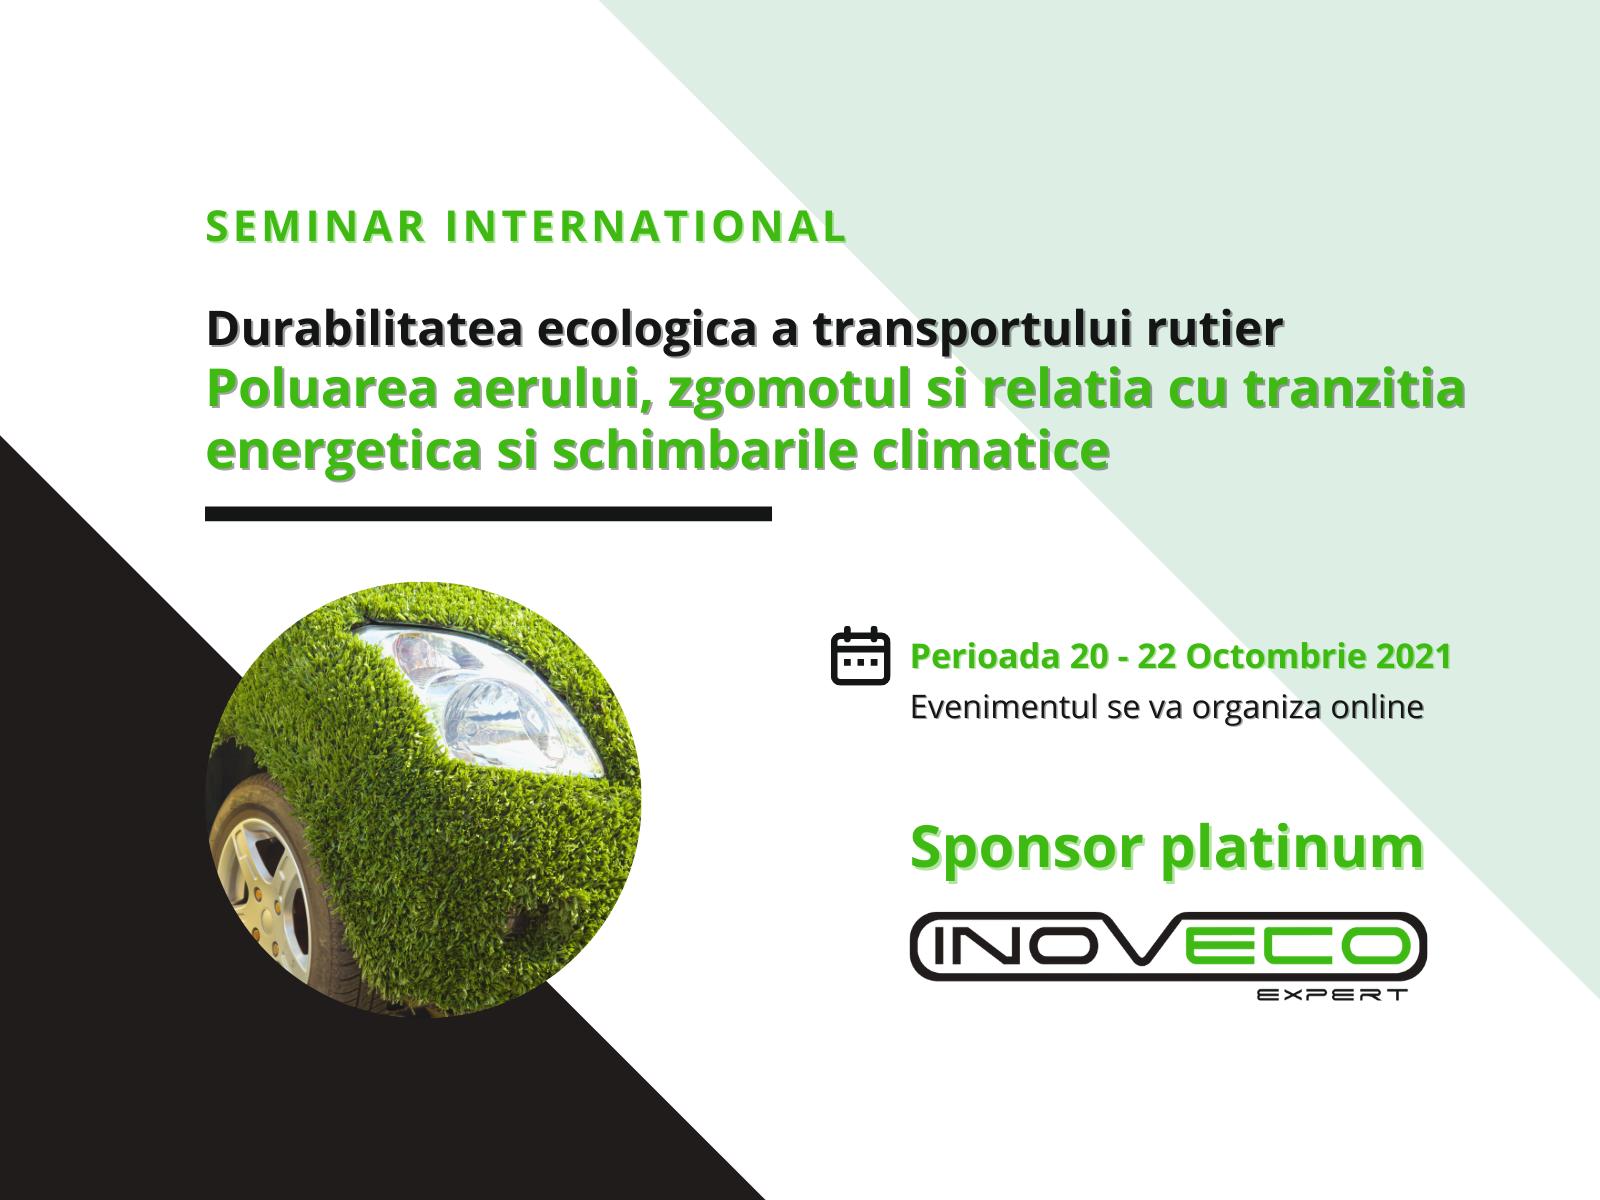 Eveniment online sponsorizat de INOVECO: Durabilitatea ecologica a transportului rutier